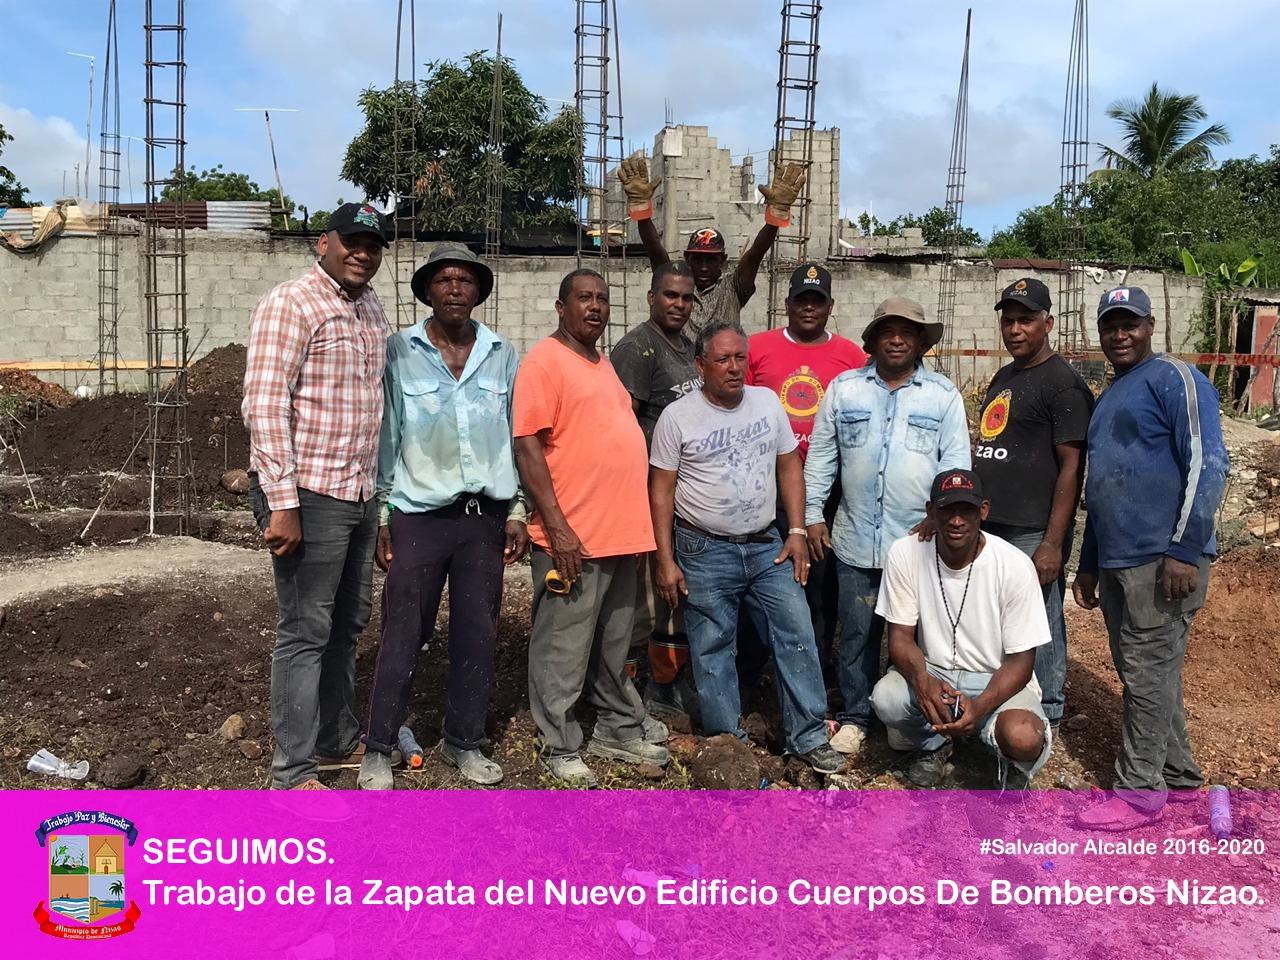 SEGUIMOS. Trabajo de la Zapata del Nuevo Edificio Cuerpo De Bomberos Nizao